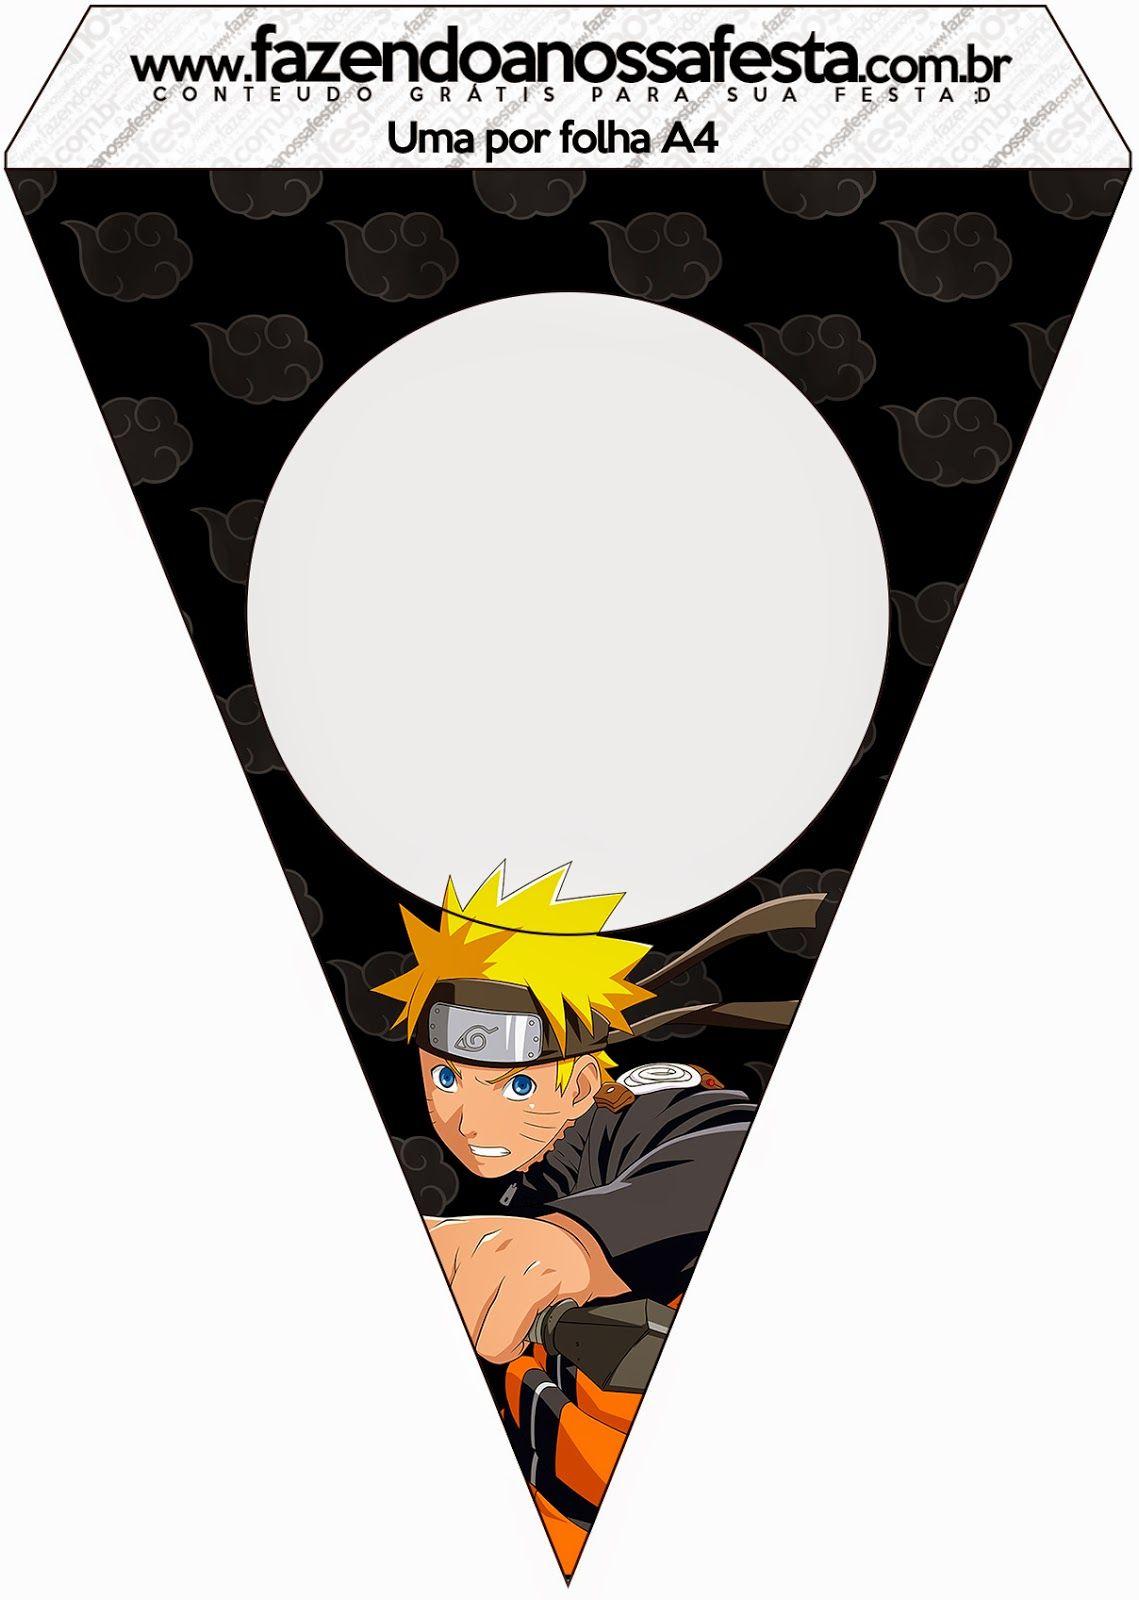 78acb4efc Naruto: Imprimibles Gratis para Fiestas. Hacer Servilleteros, Decoración De  Fiestas Infantiles, Imprimir